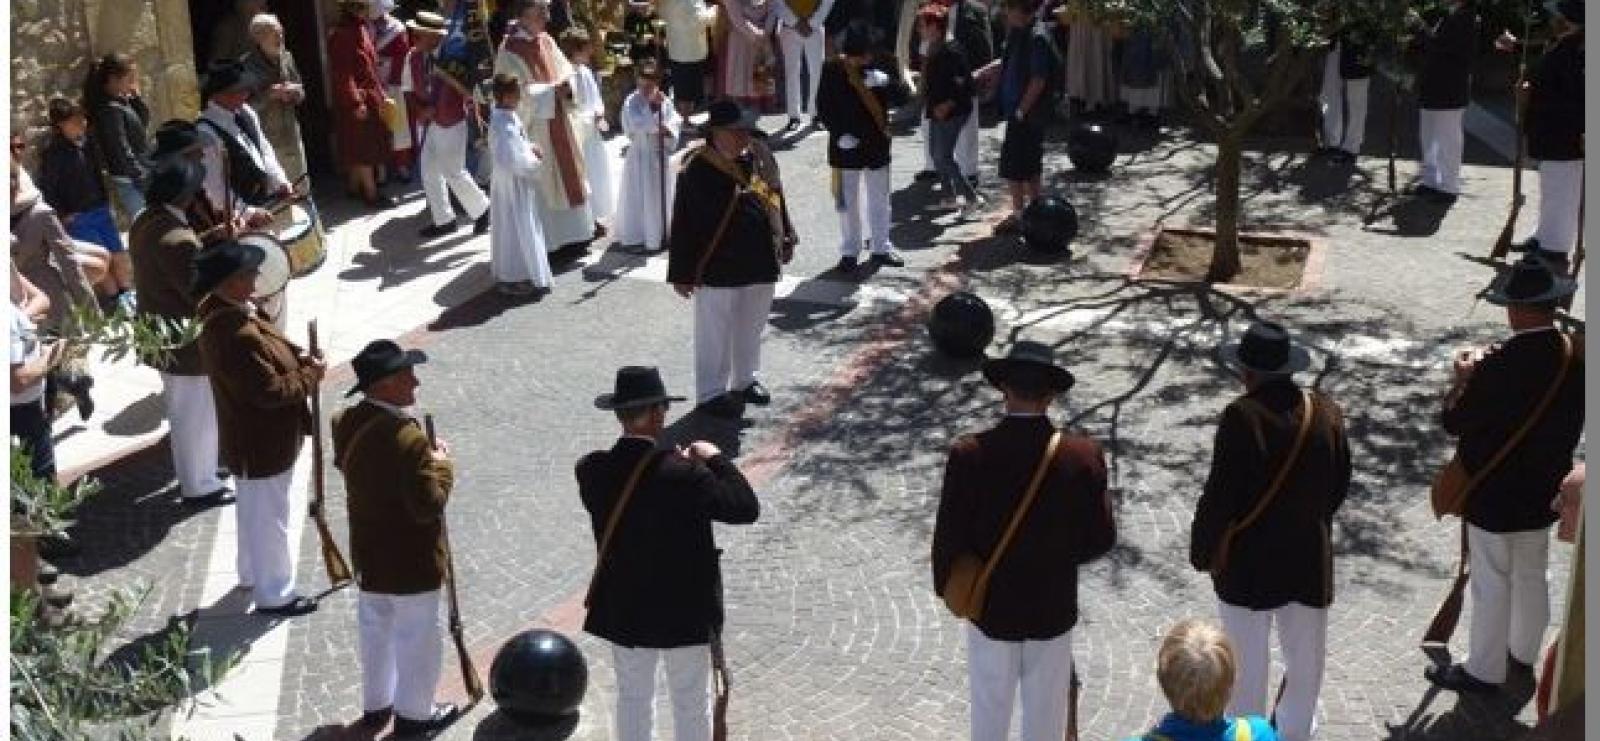 bravadeurs, danses et chants folkloriques